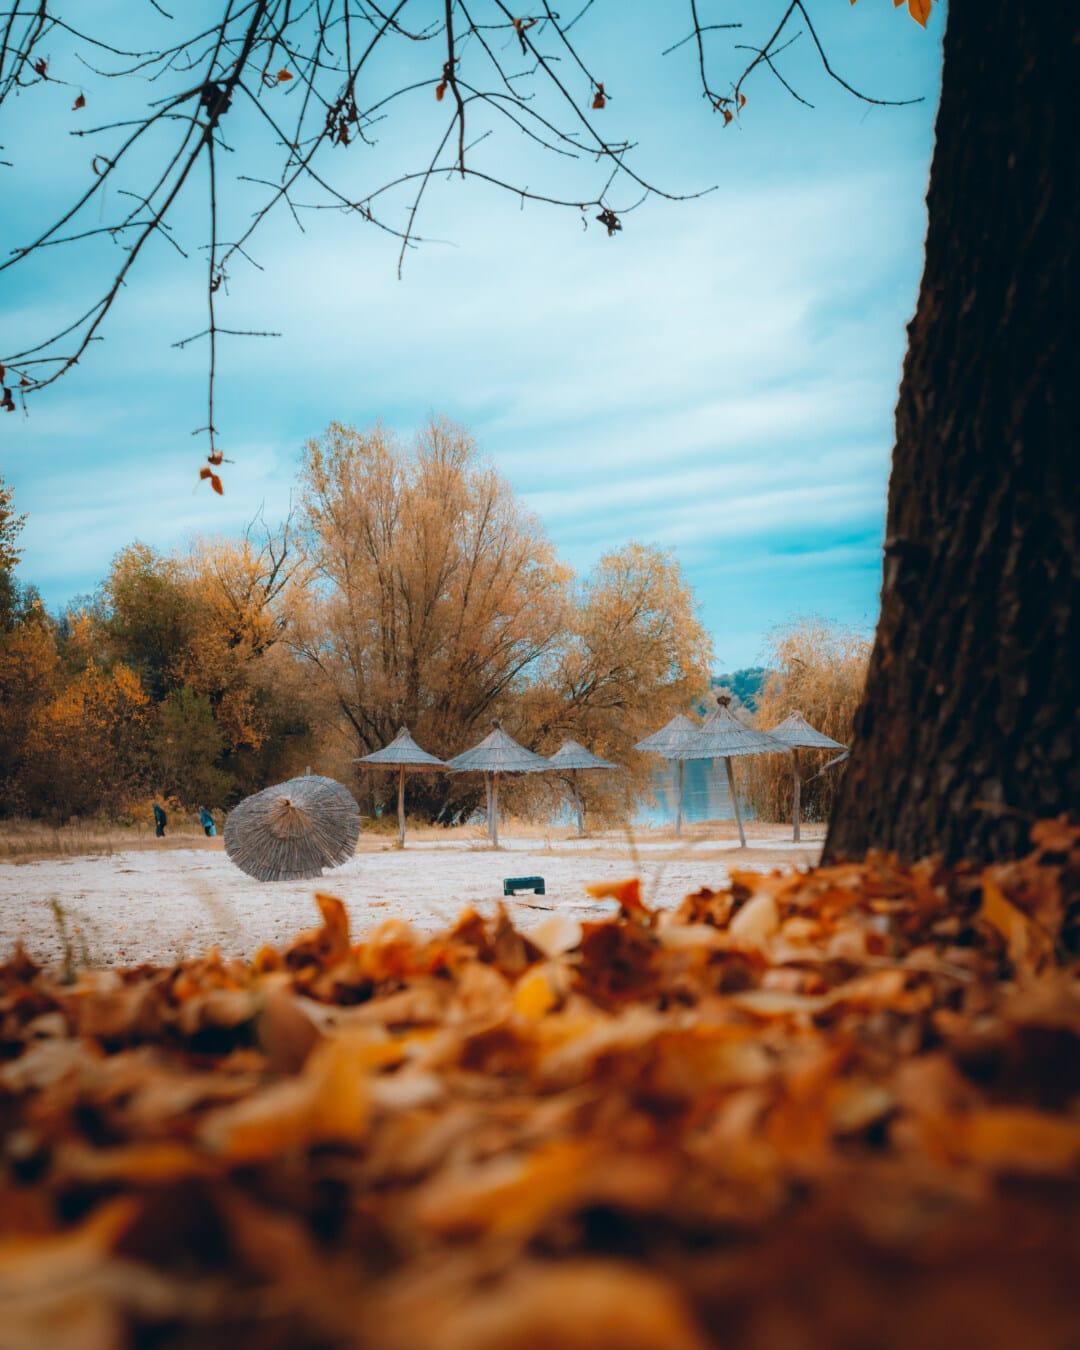 осенний сезон, пляж, зонтик, природа, дерево, пейзаж, лист, закат, рассвет, солнце